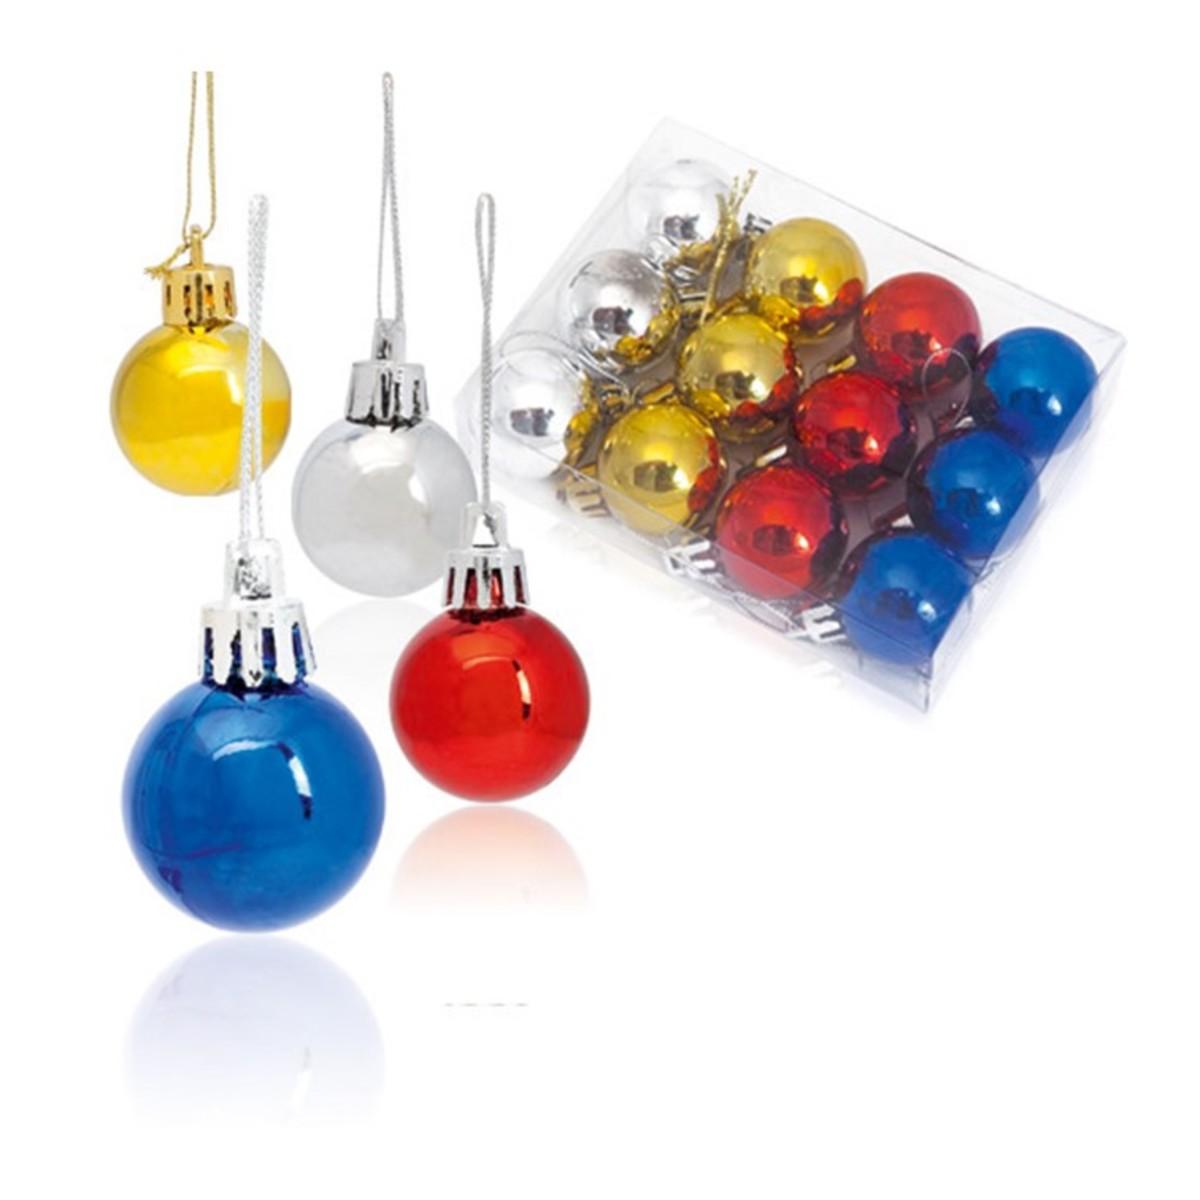 Set de 12 bolas de navidad